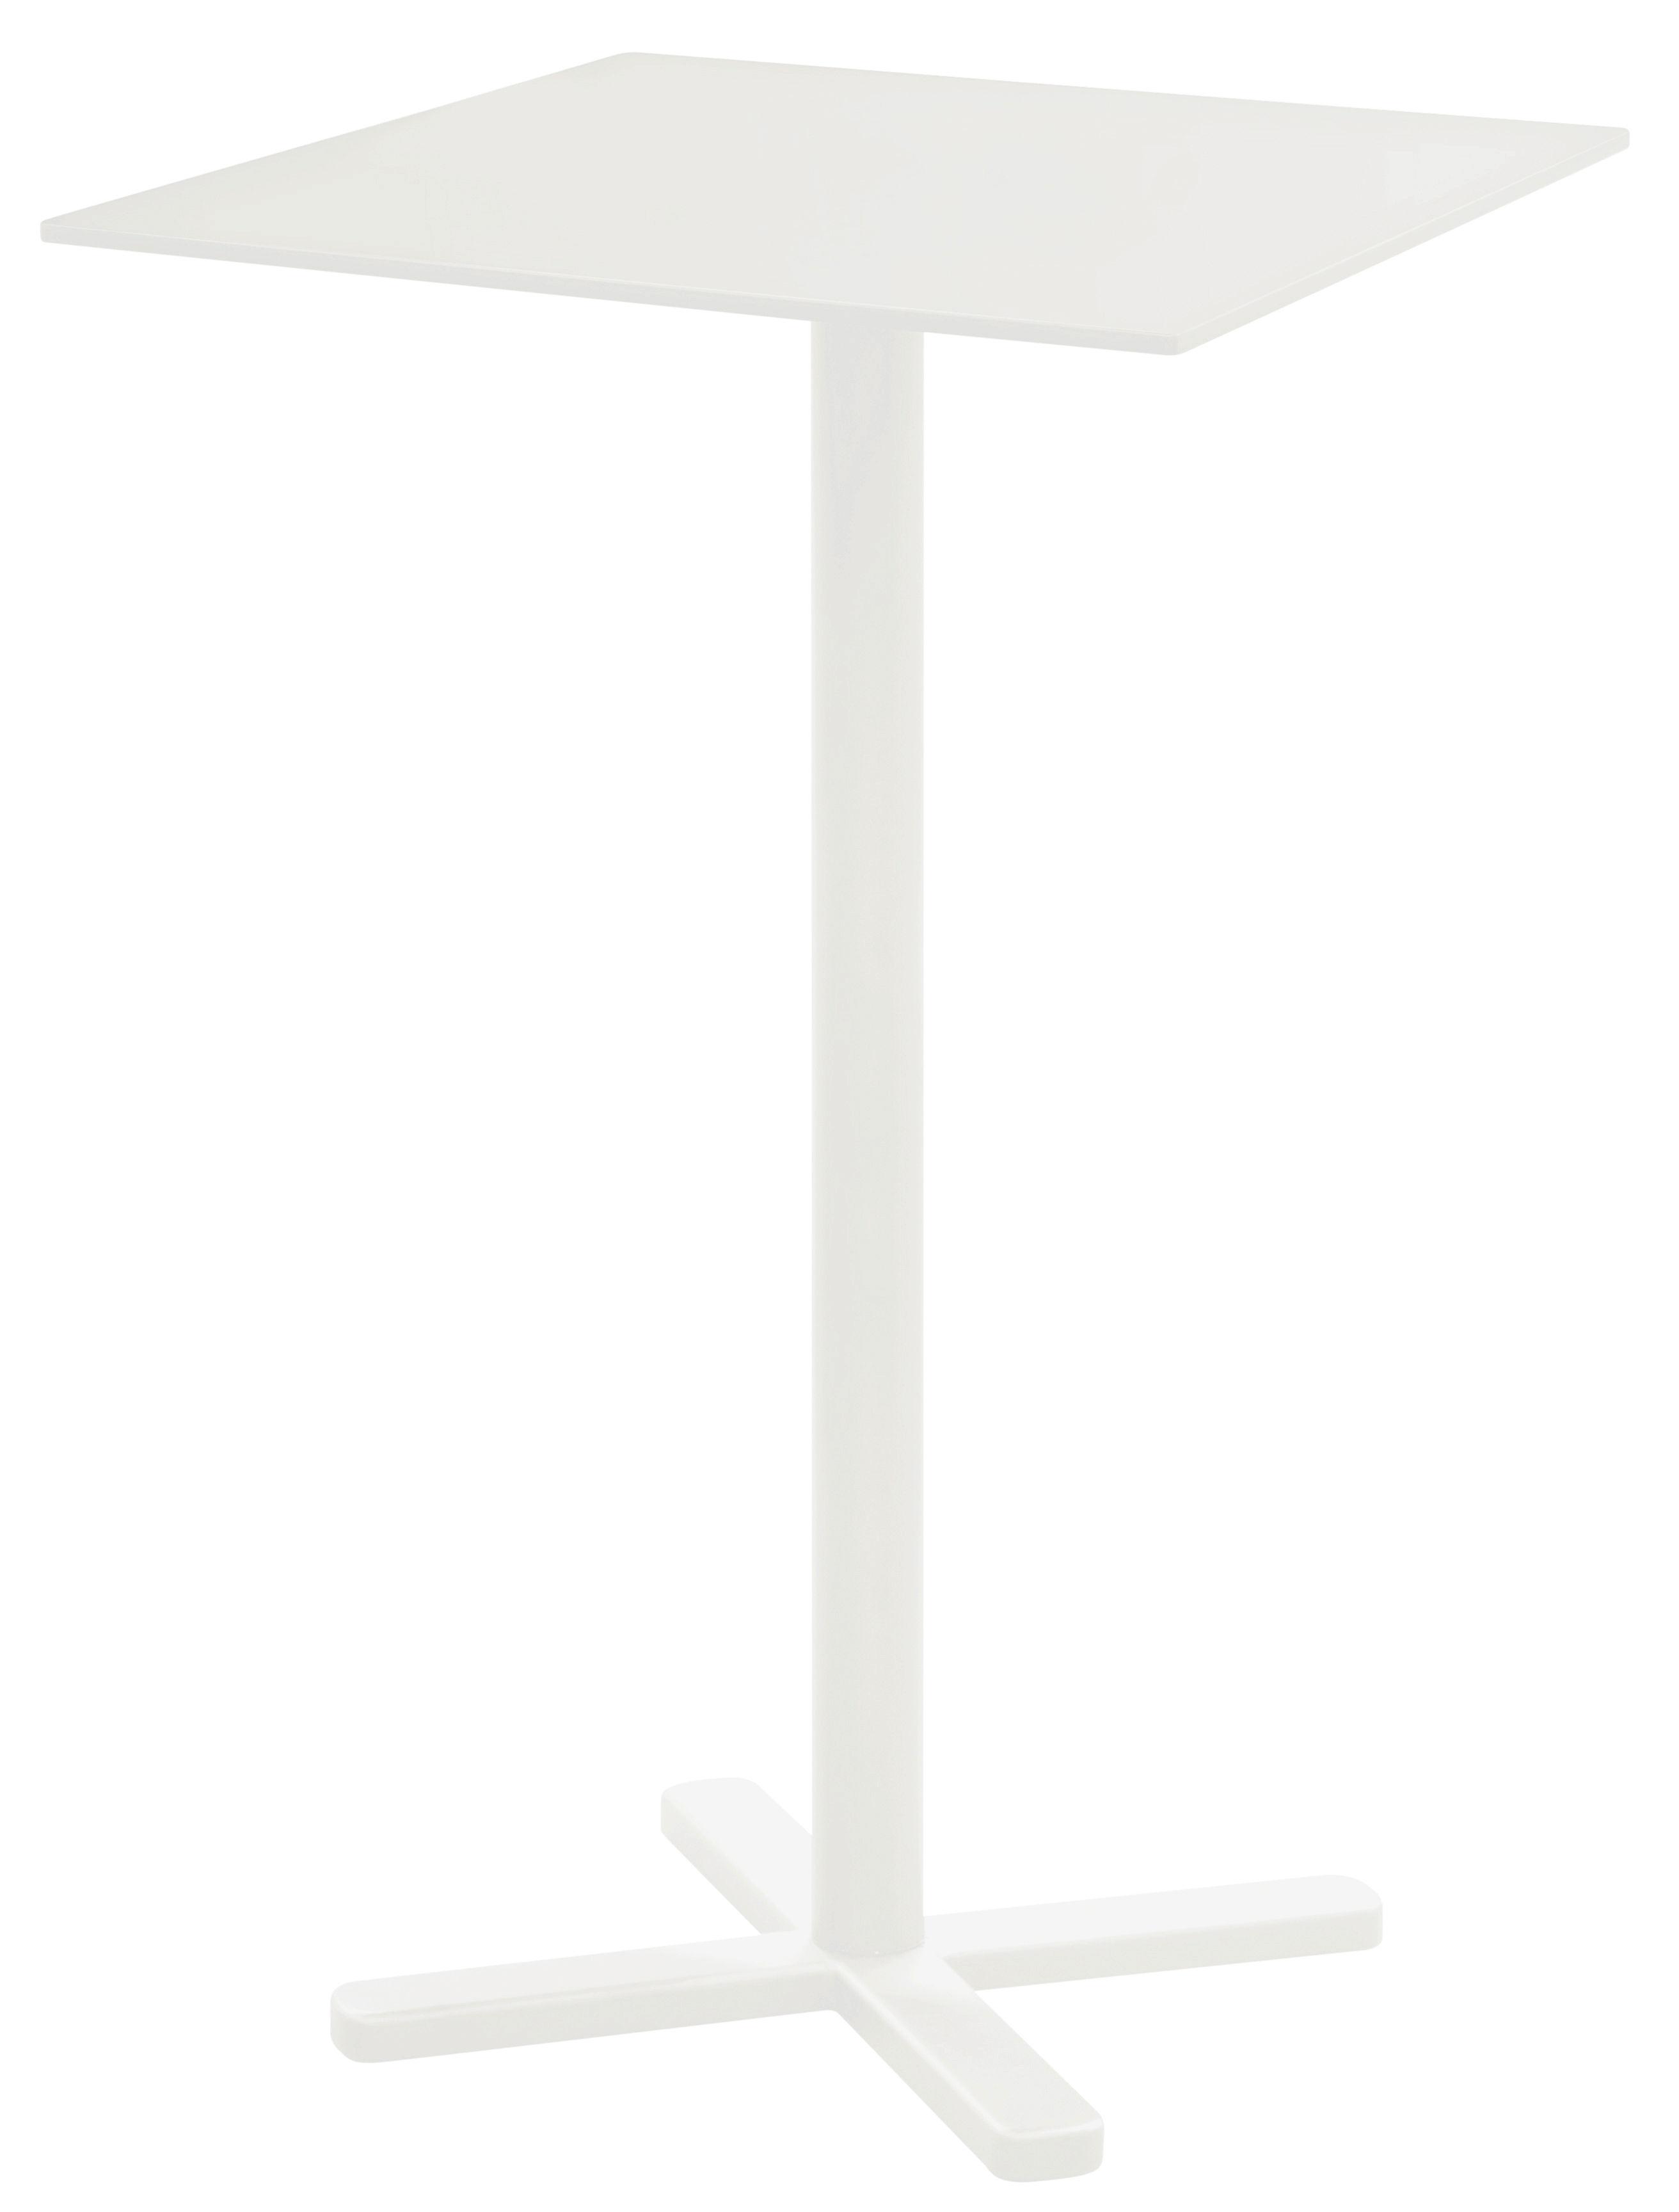 Arredamento - Tavoli alti - Tavolo bar alto pieghevole Darwin - / 70 x 70 cm di Emu - Bianco - Acciaio verniciato